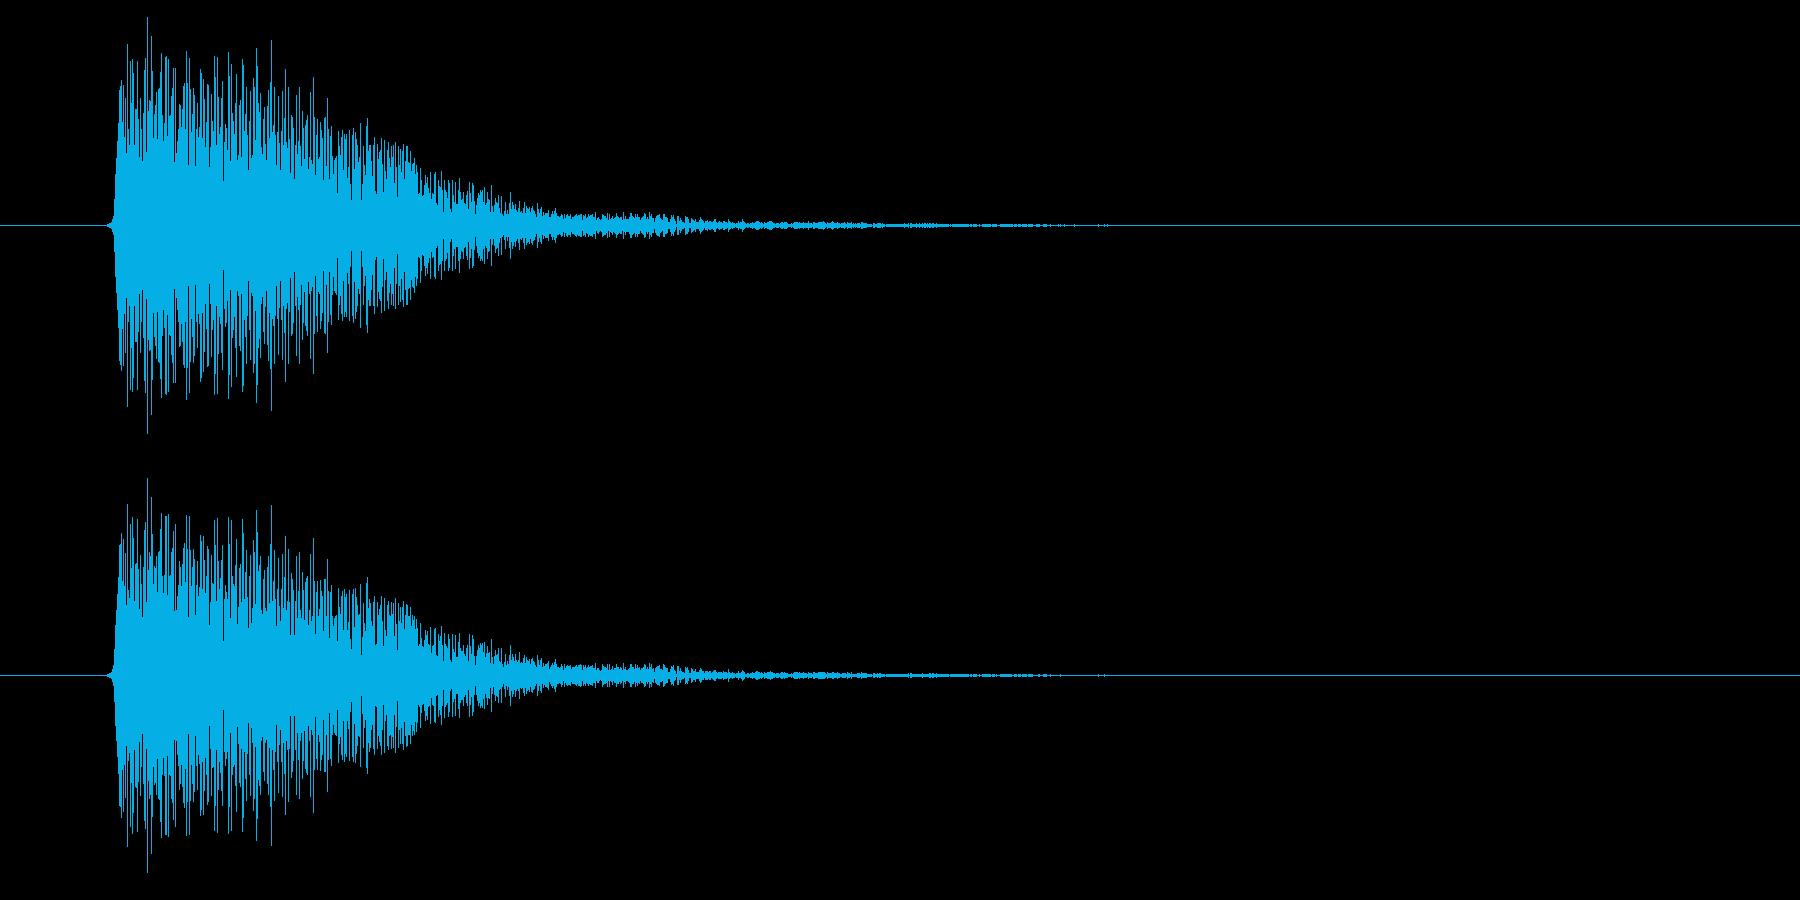 衝撃やショックがあった時の音の再生済みの波形